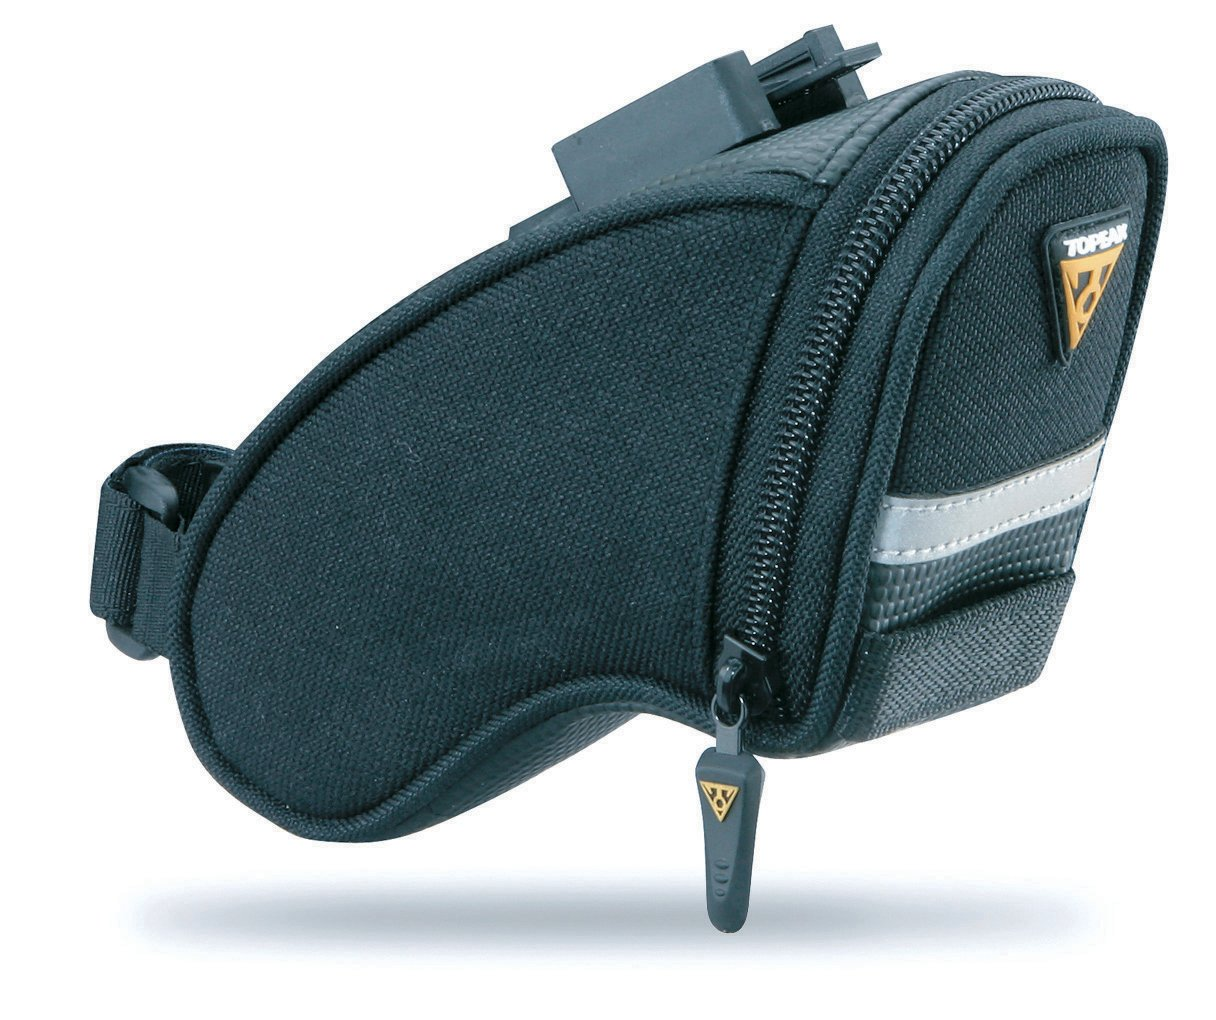 Topeak Aero Wedge Pack, w/Fixer F11, Micro